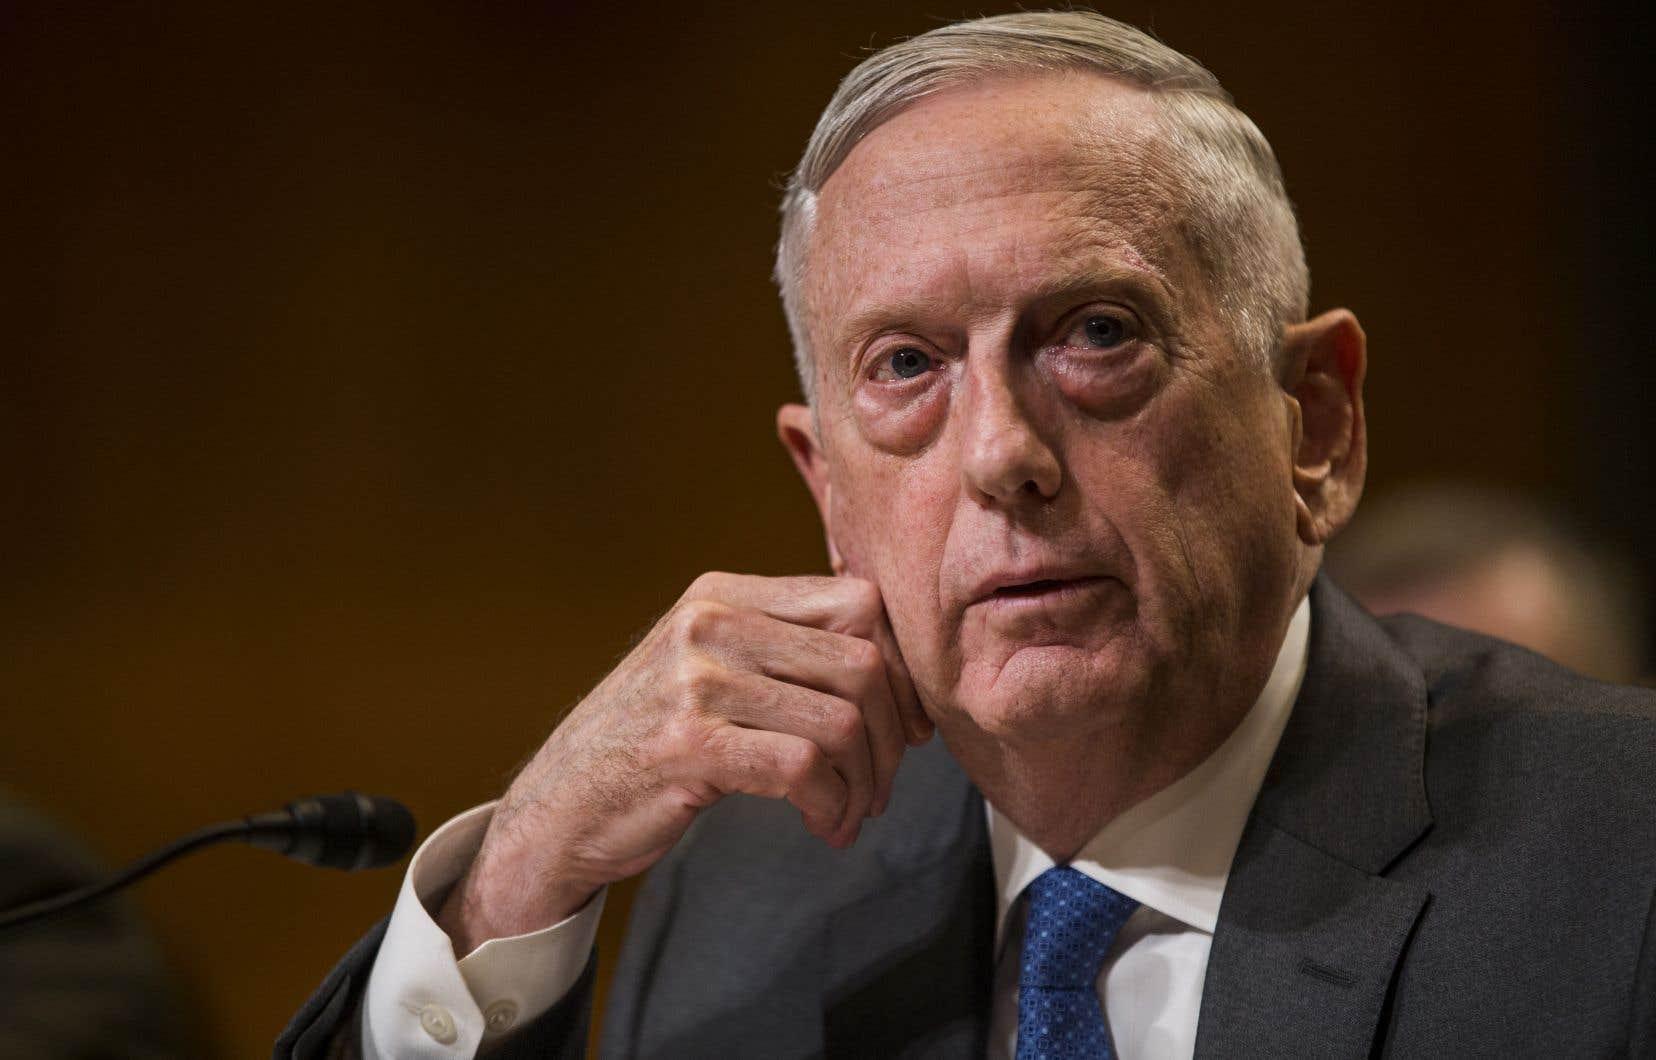 Le ministre américain de la Défense, Jim Mattis, a reconnu avoir des divergences avec le président Donald Trump.